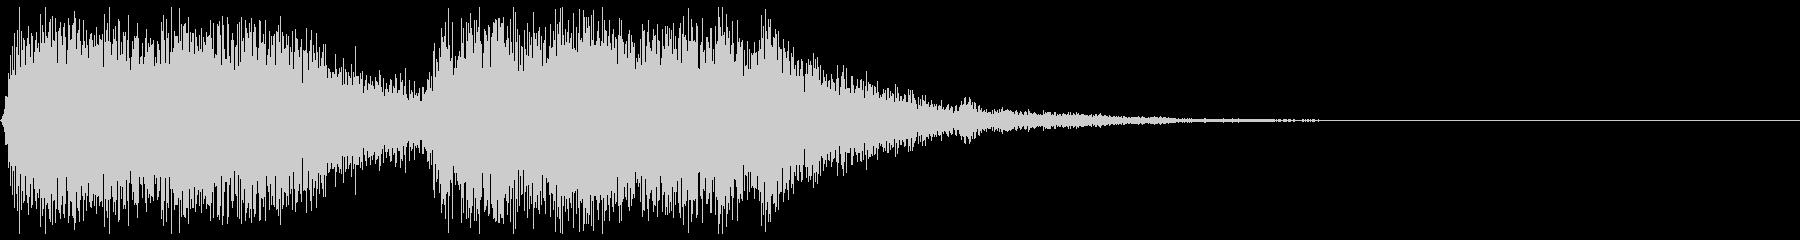 ブワーンブワーンという音の未再生の波形